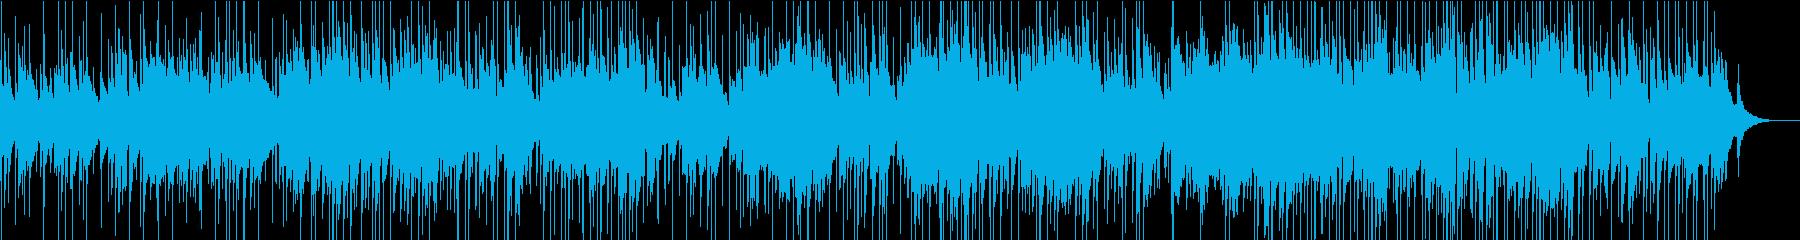 アコギエレピの落ち着きあるBGMの再生済みの波形